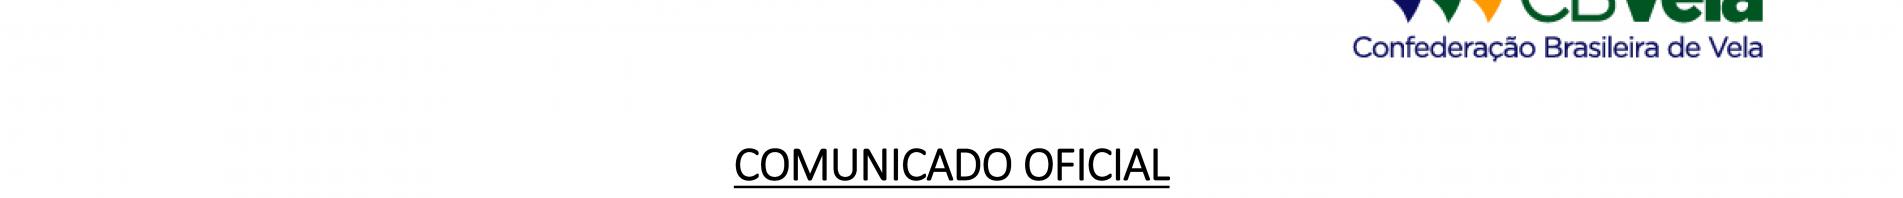 COMUNICADO OFICIAL_19 03 2020_ProibicaoTreinamento_imgdestaq